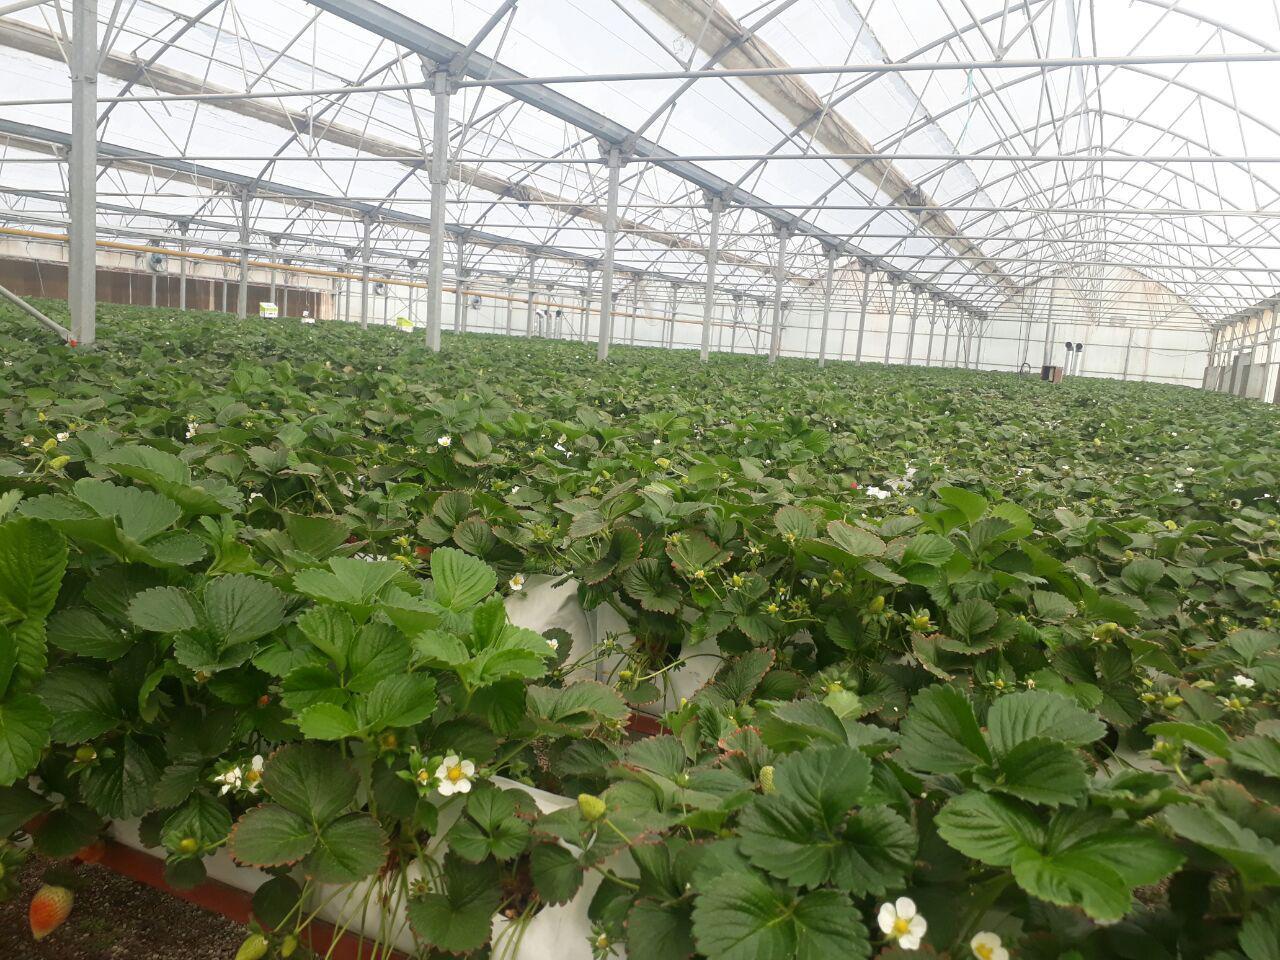 52 پروژه کشاورزی در استان زنجان به بهرهبرداری میرسد